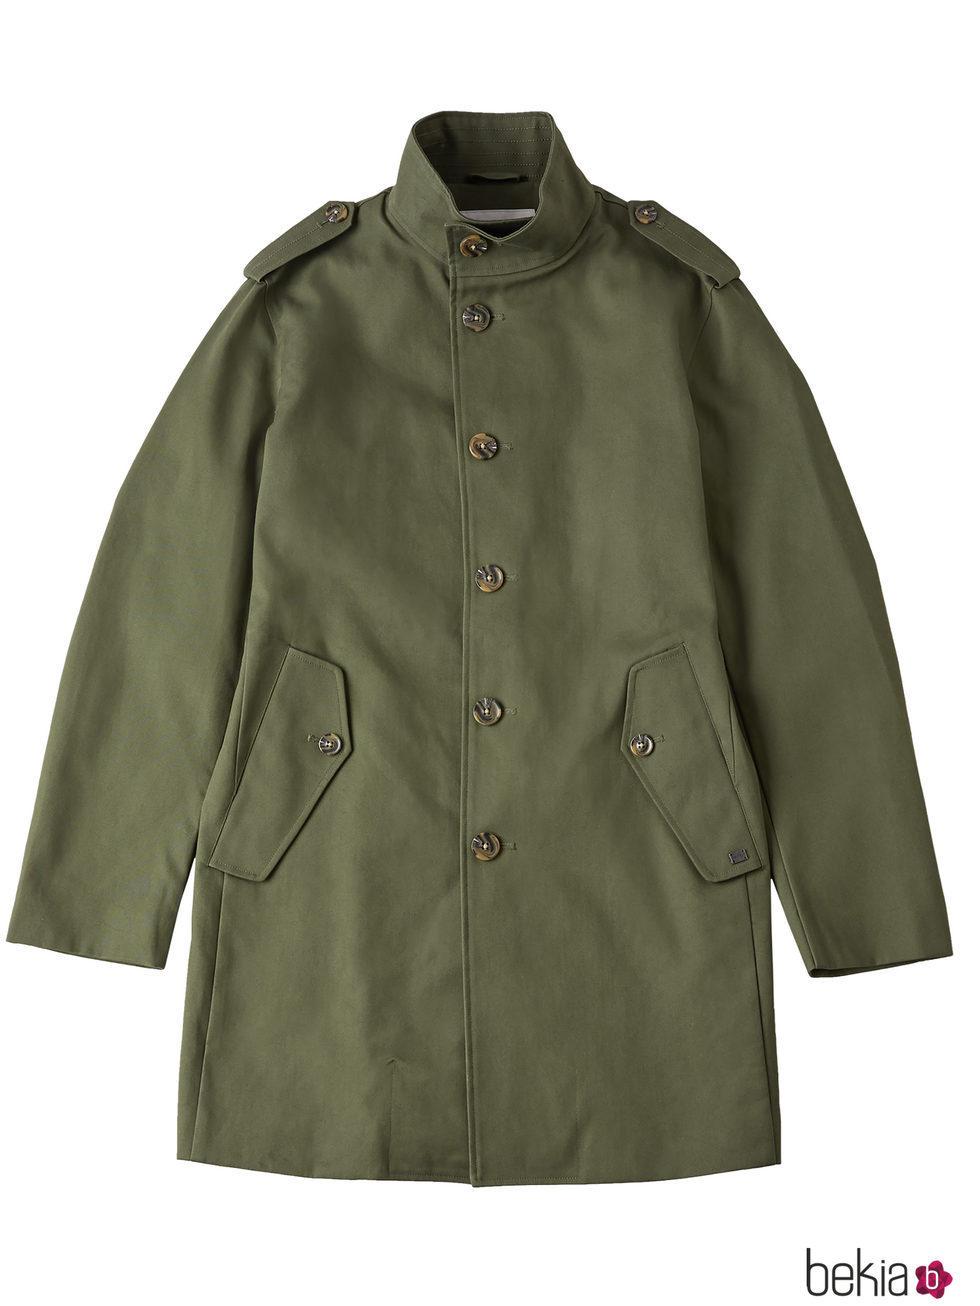 Militar Verde Hombre La Estilo Para Abrigo De Primavera Colección qF6ZUwF5